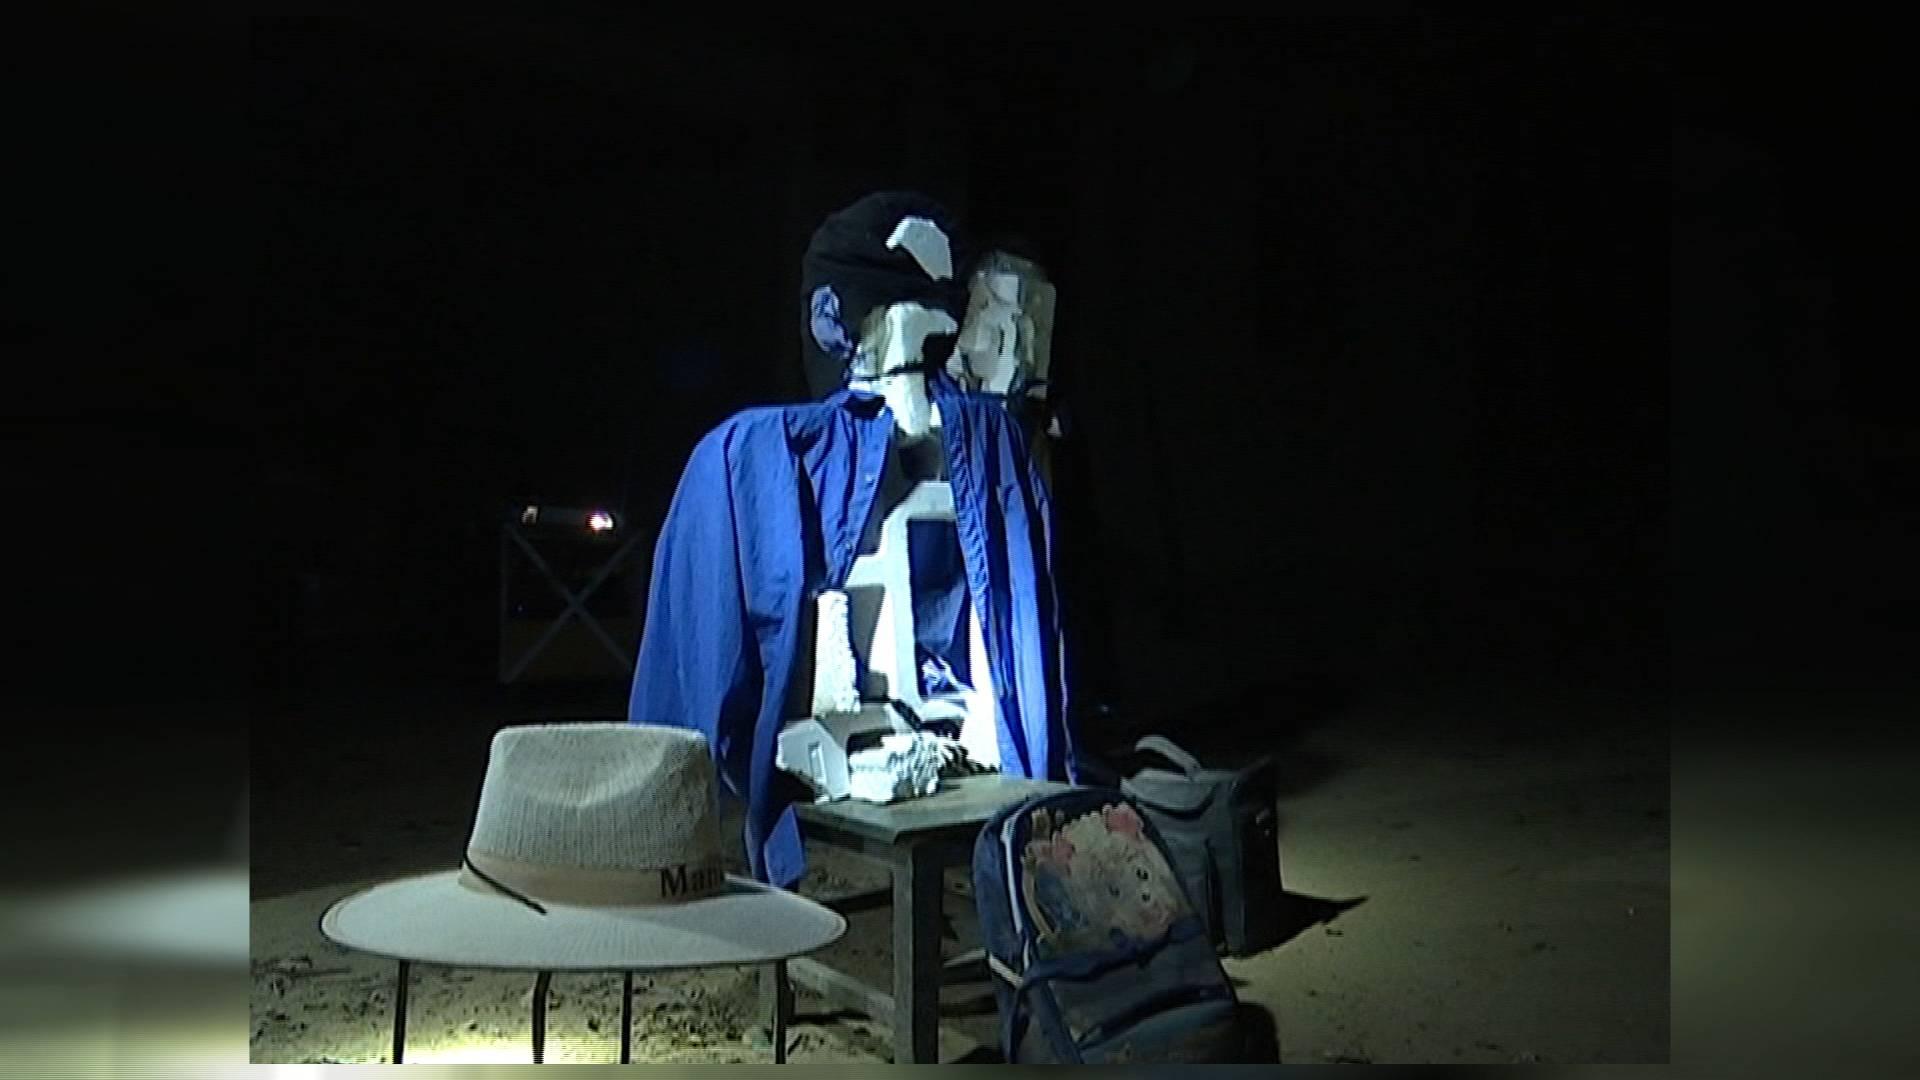 """平邑""""泡沫观众""""追踪:放映员被取消电影放映资格"""